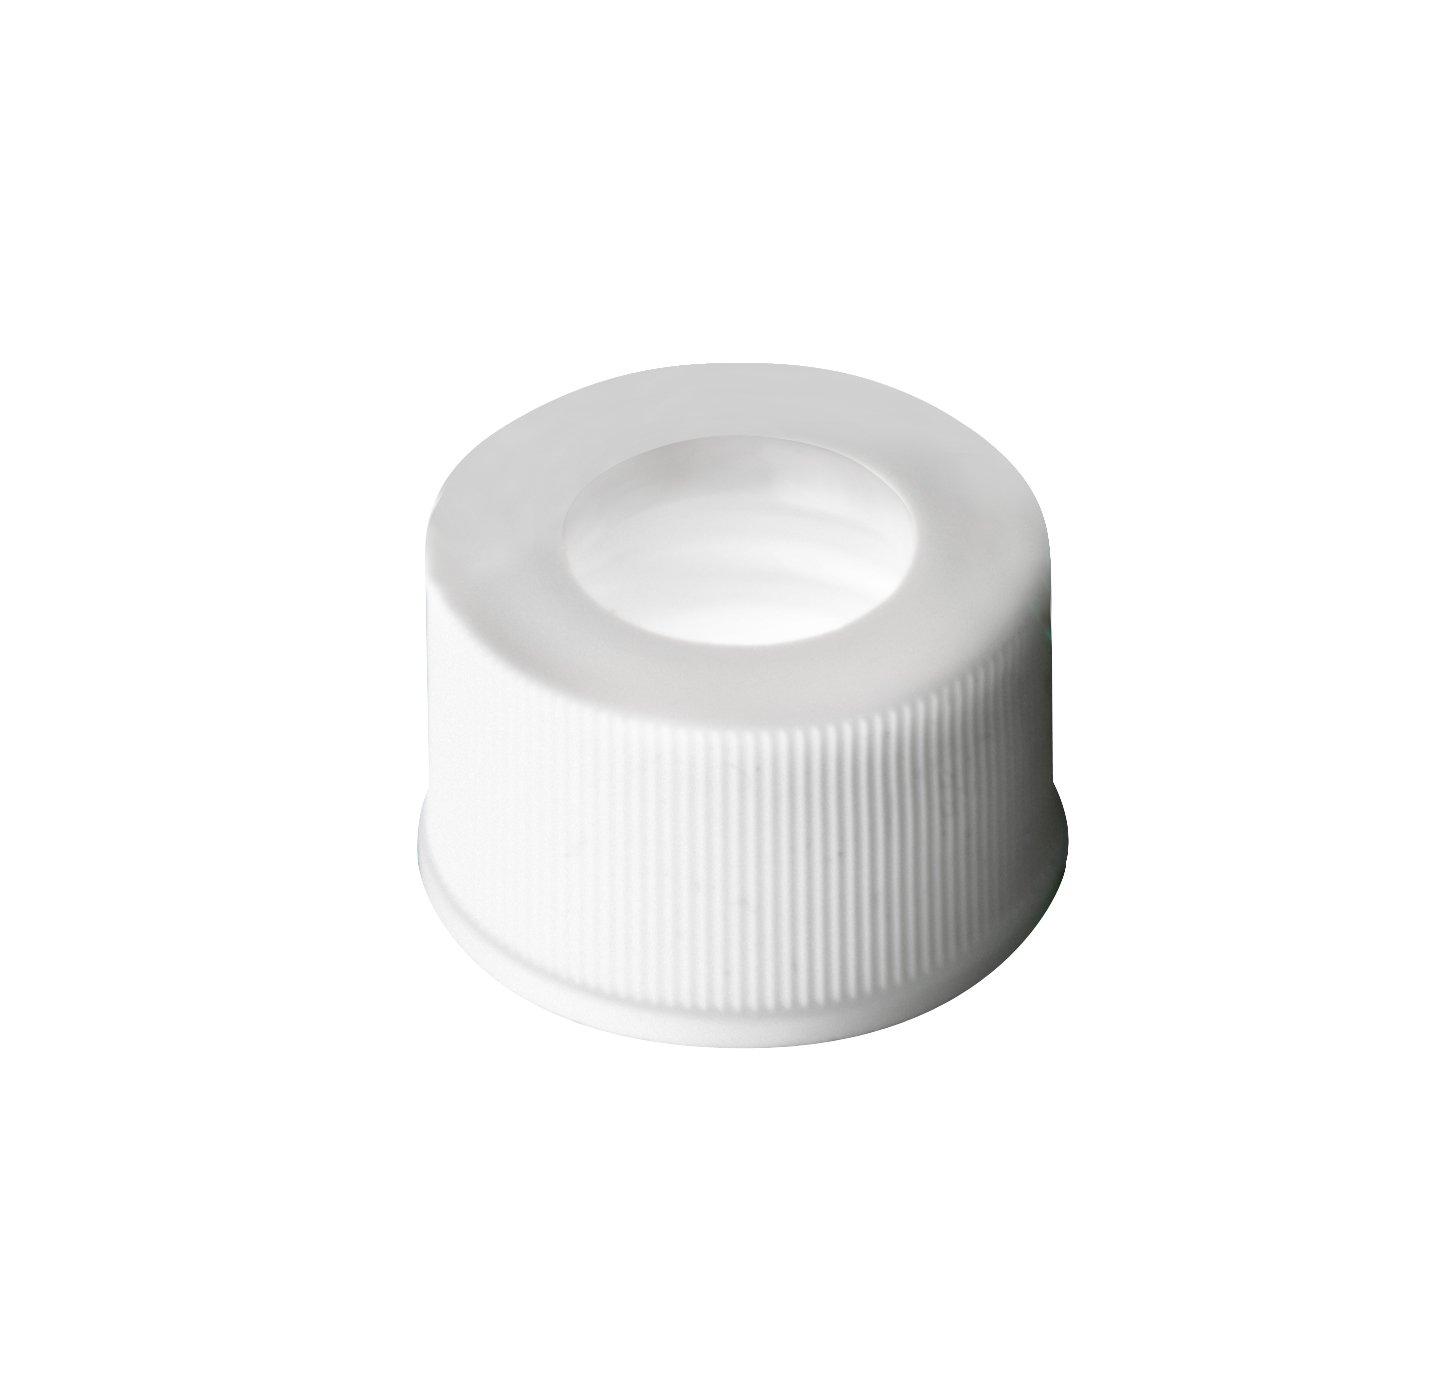 JG Finneran 5310-10W 1 year warranty Polypropylene Open Hole for Mouth Popularity S Big Cap